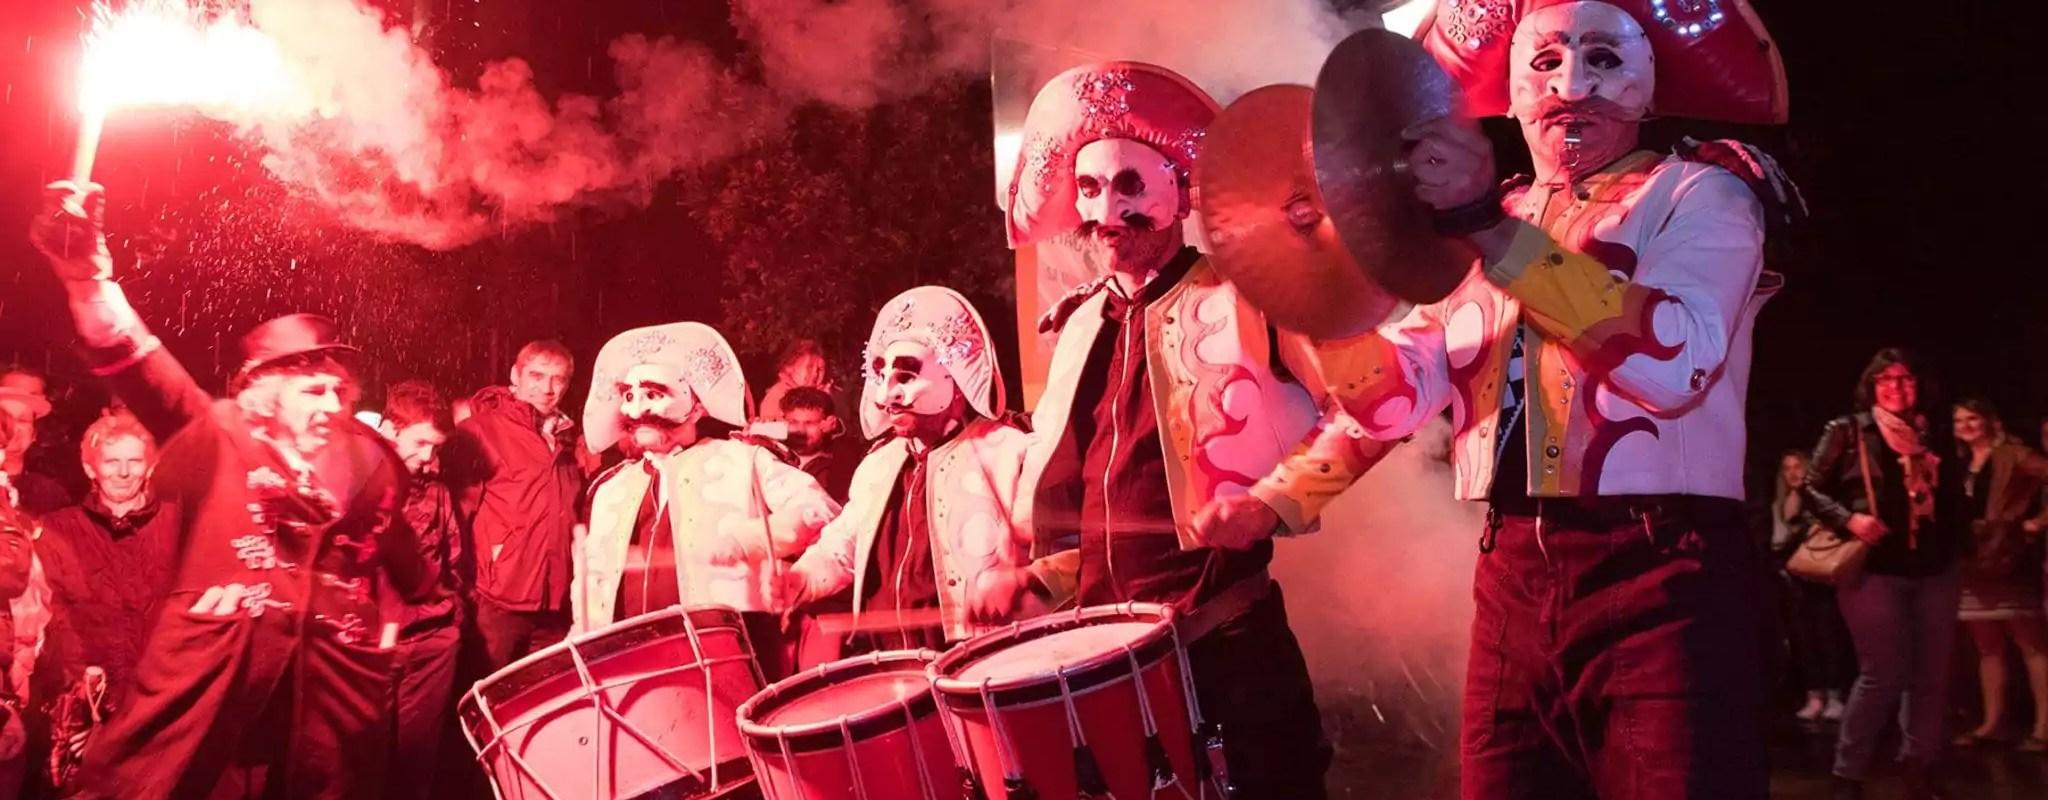 Avec masque obligatoire, le festival des Arts dans la Rue rend hommage aux héros du quotidien